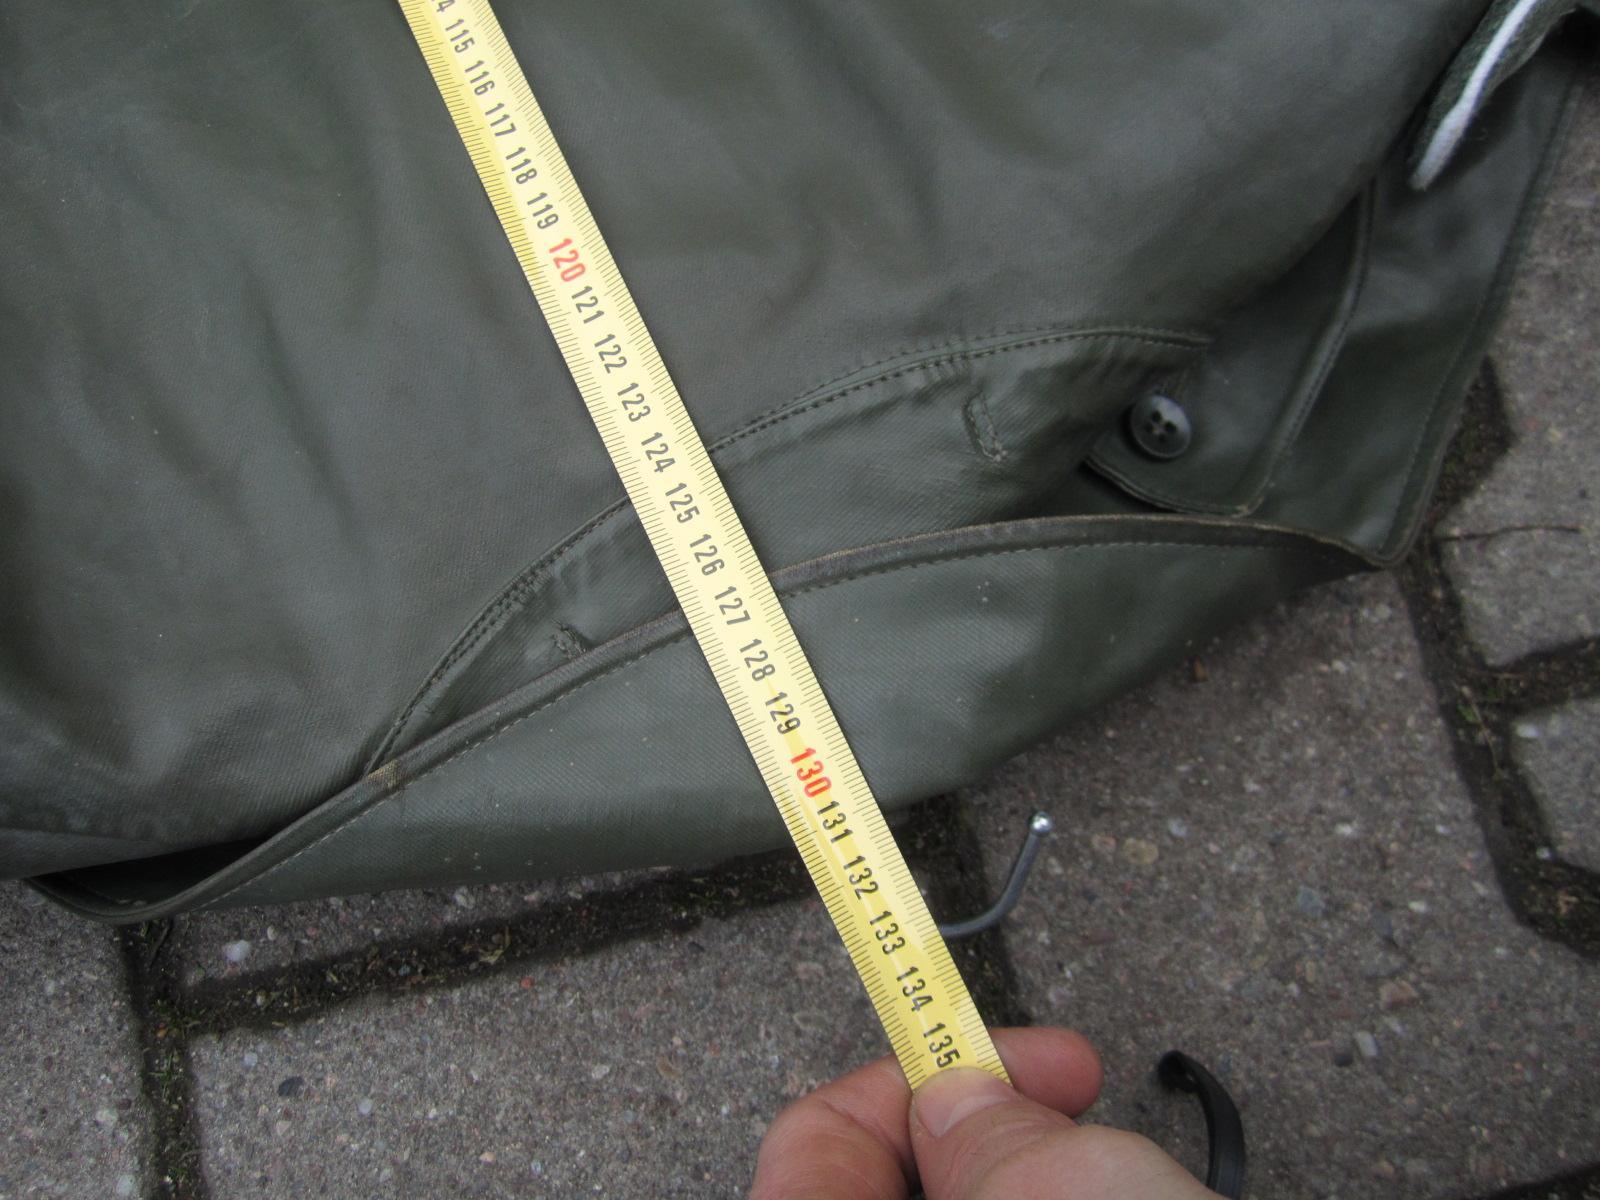 Identification Manteau de pluie WH Fee7cfc1-790a-4222-8533-35cca922dd05